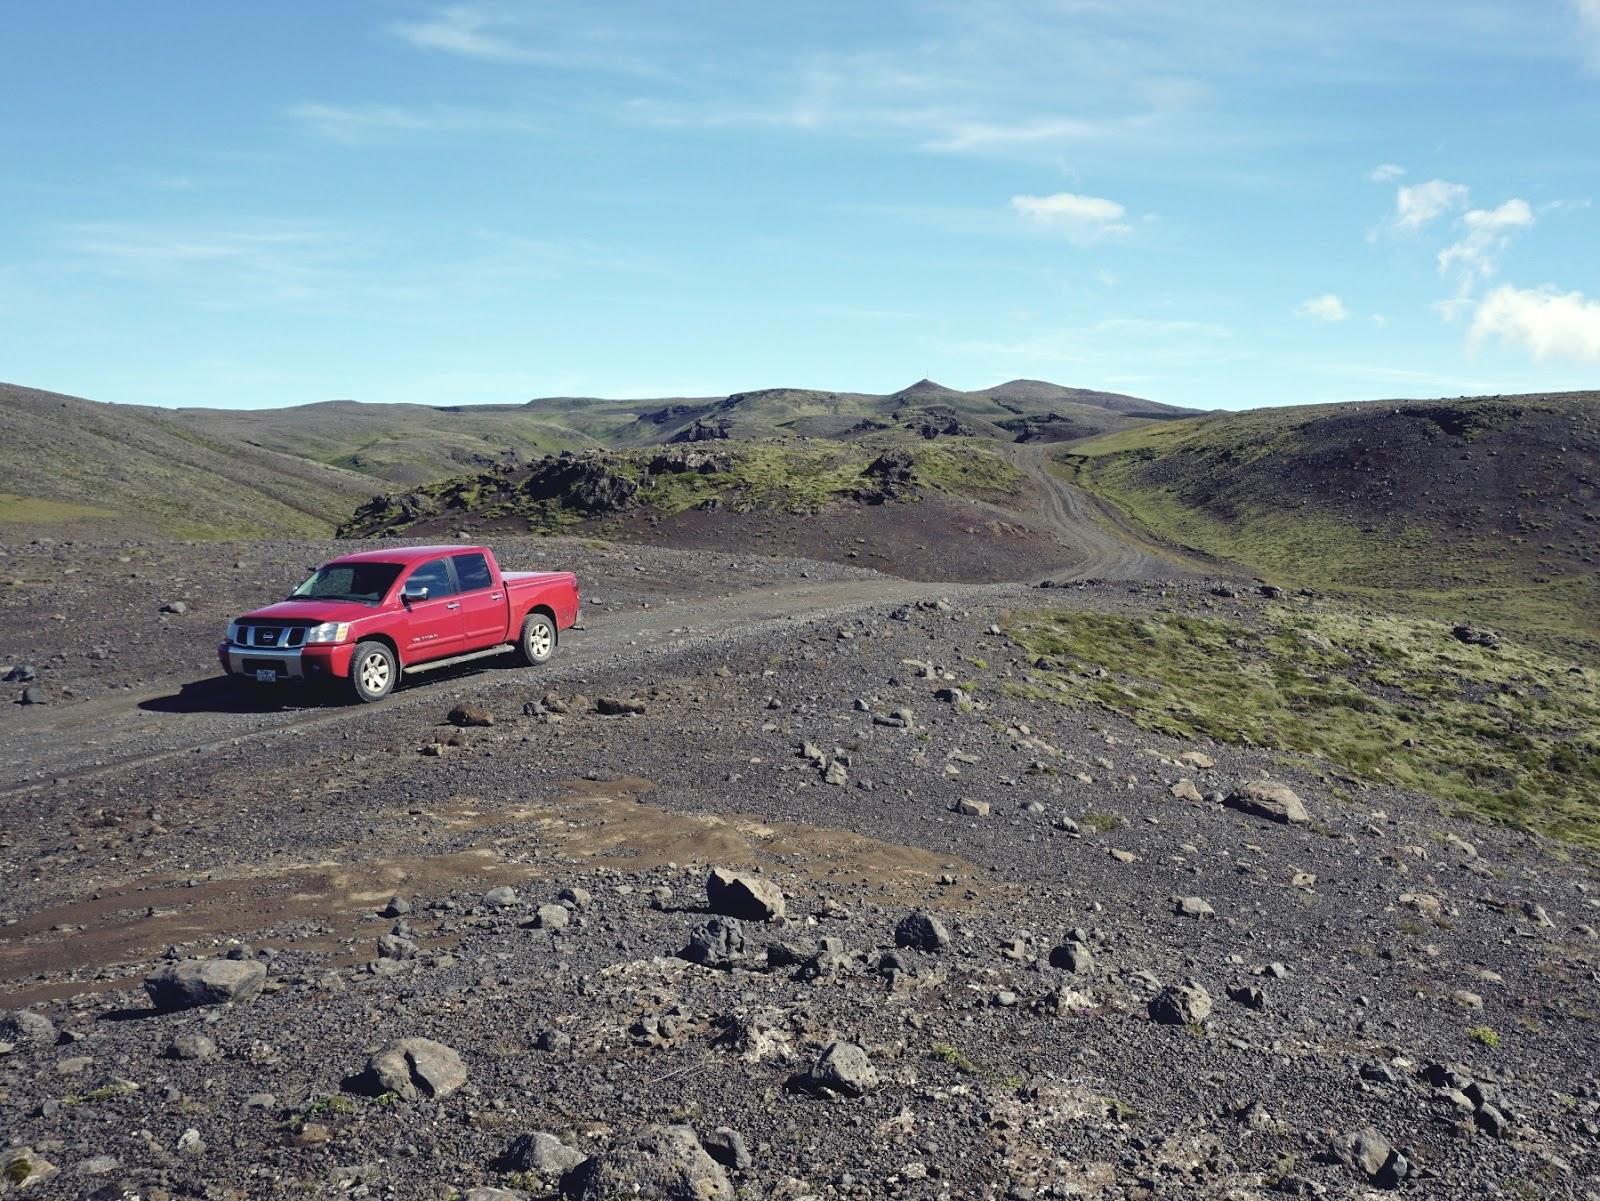 góry, Lodowiec Solheimajokull, lodowiec, Myrdalsjokull, Islandia, południowa Islandia, zwiedzanie Islandii, panidorcia, Pani Dorcia blog, blog o Islandii, co zwiedzić w Islandii